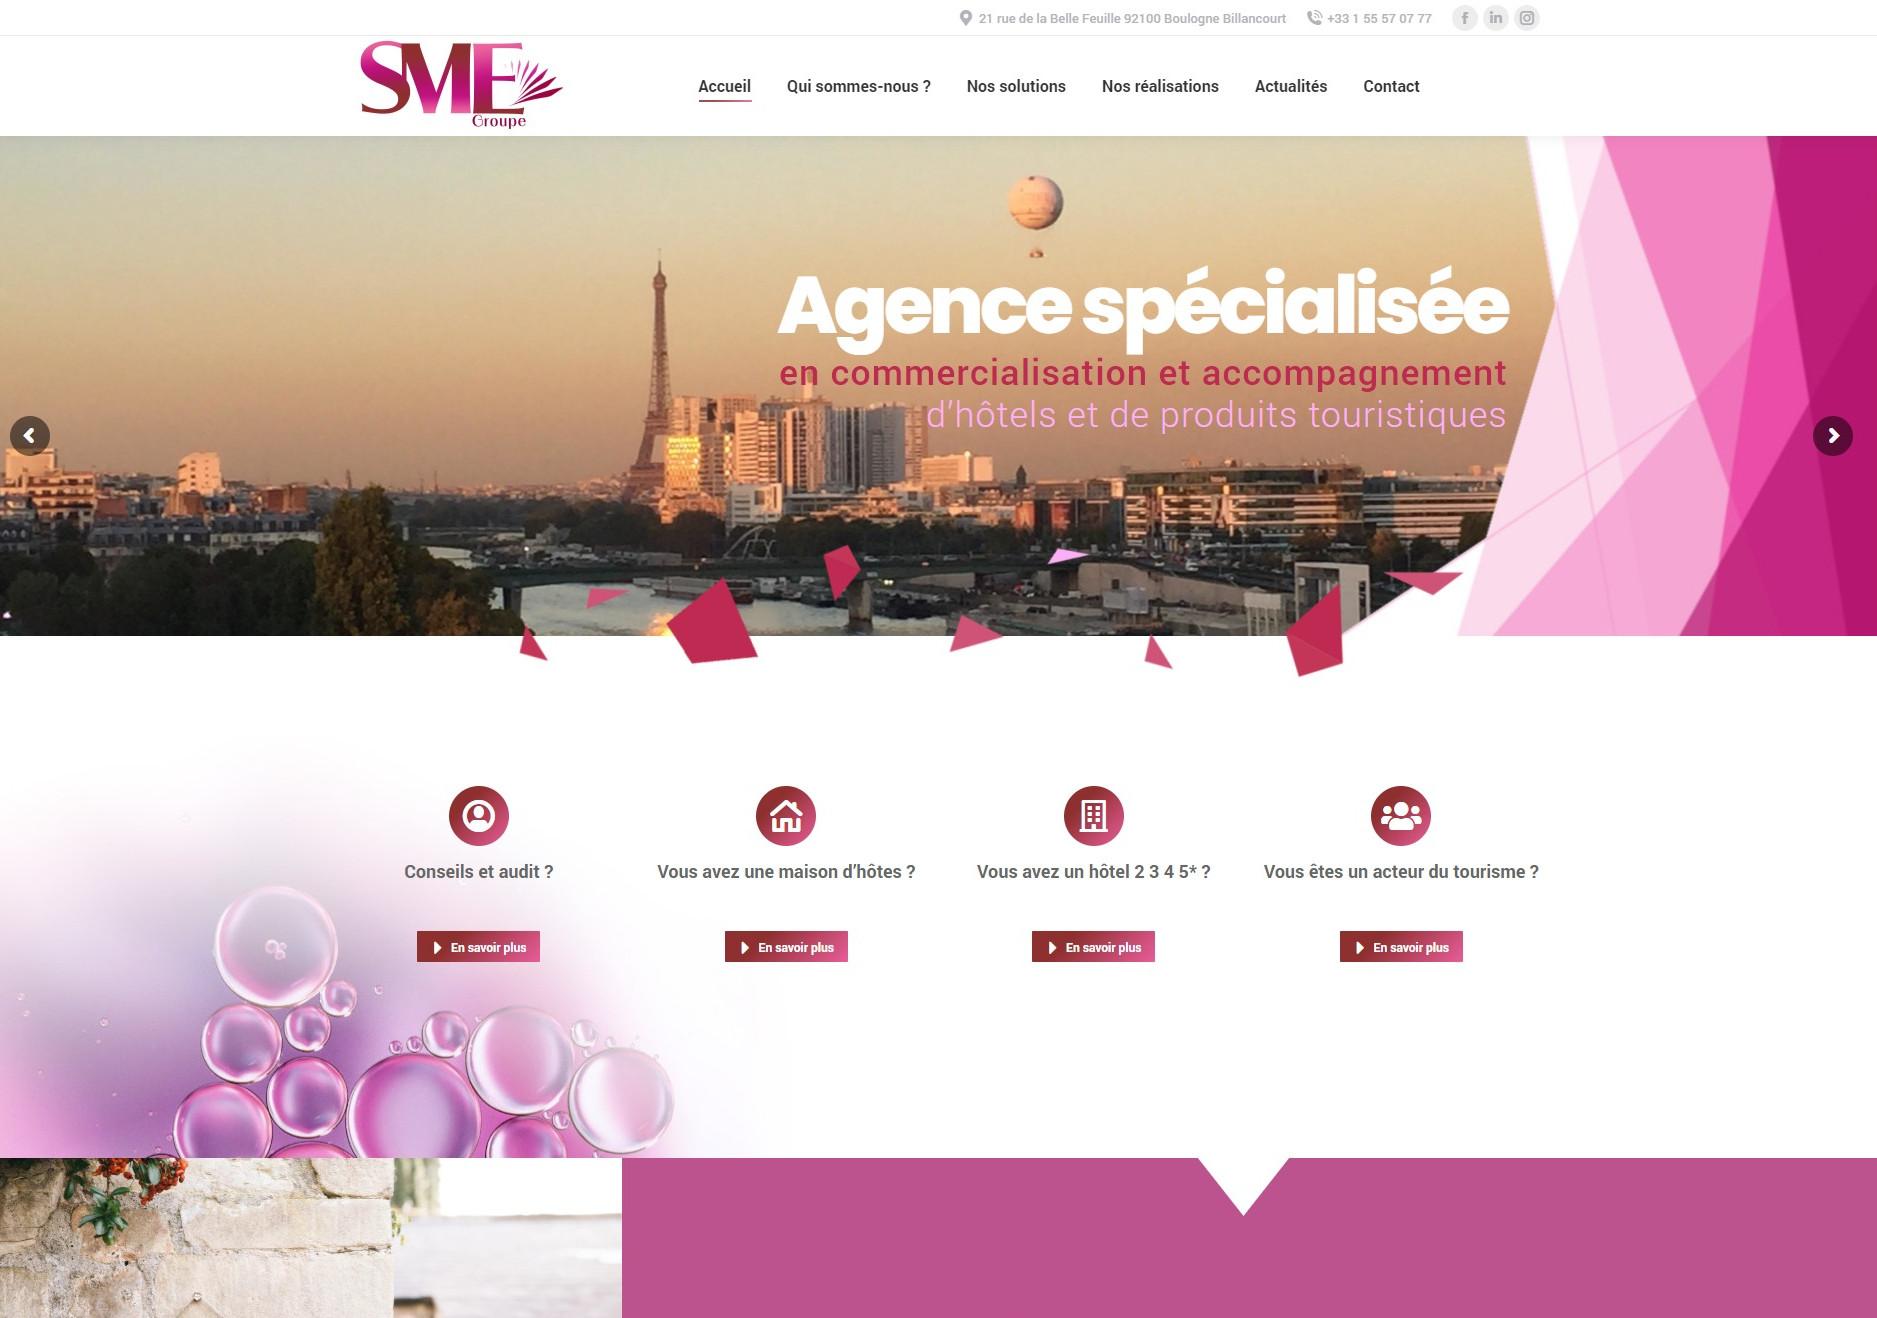 SME Groupe